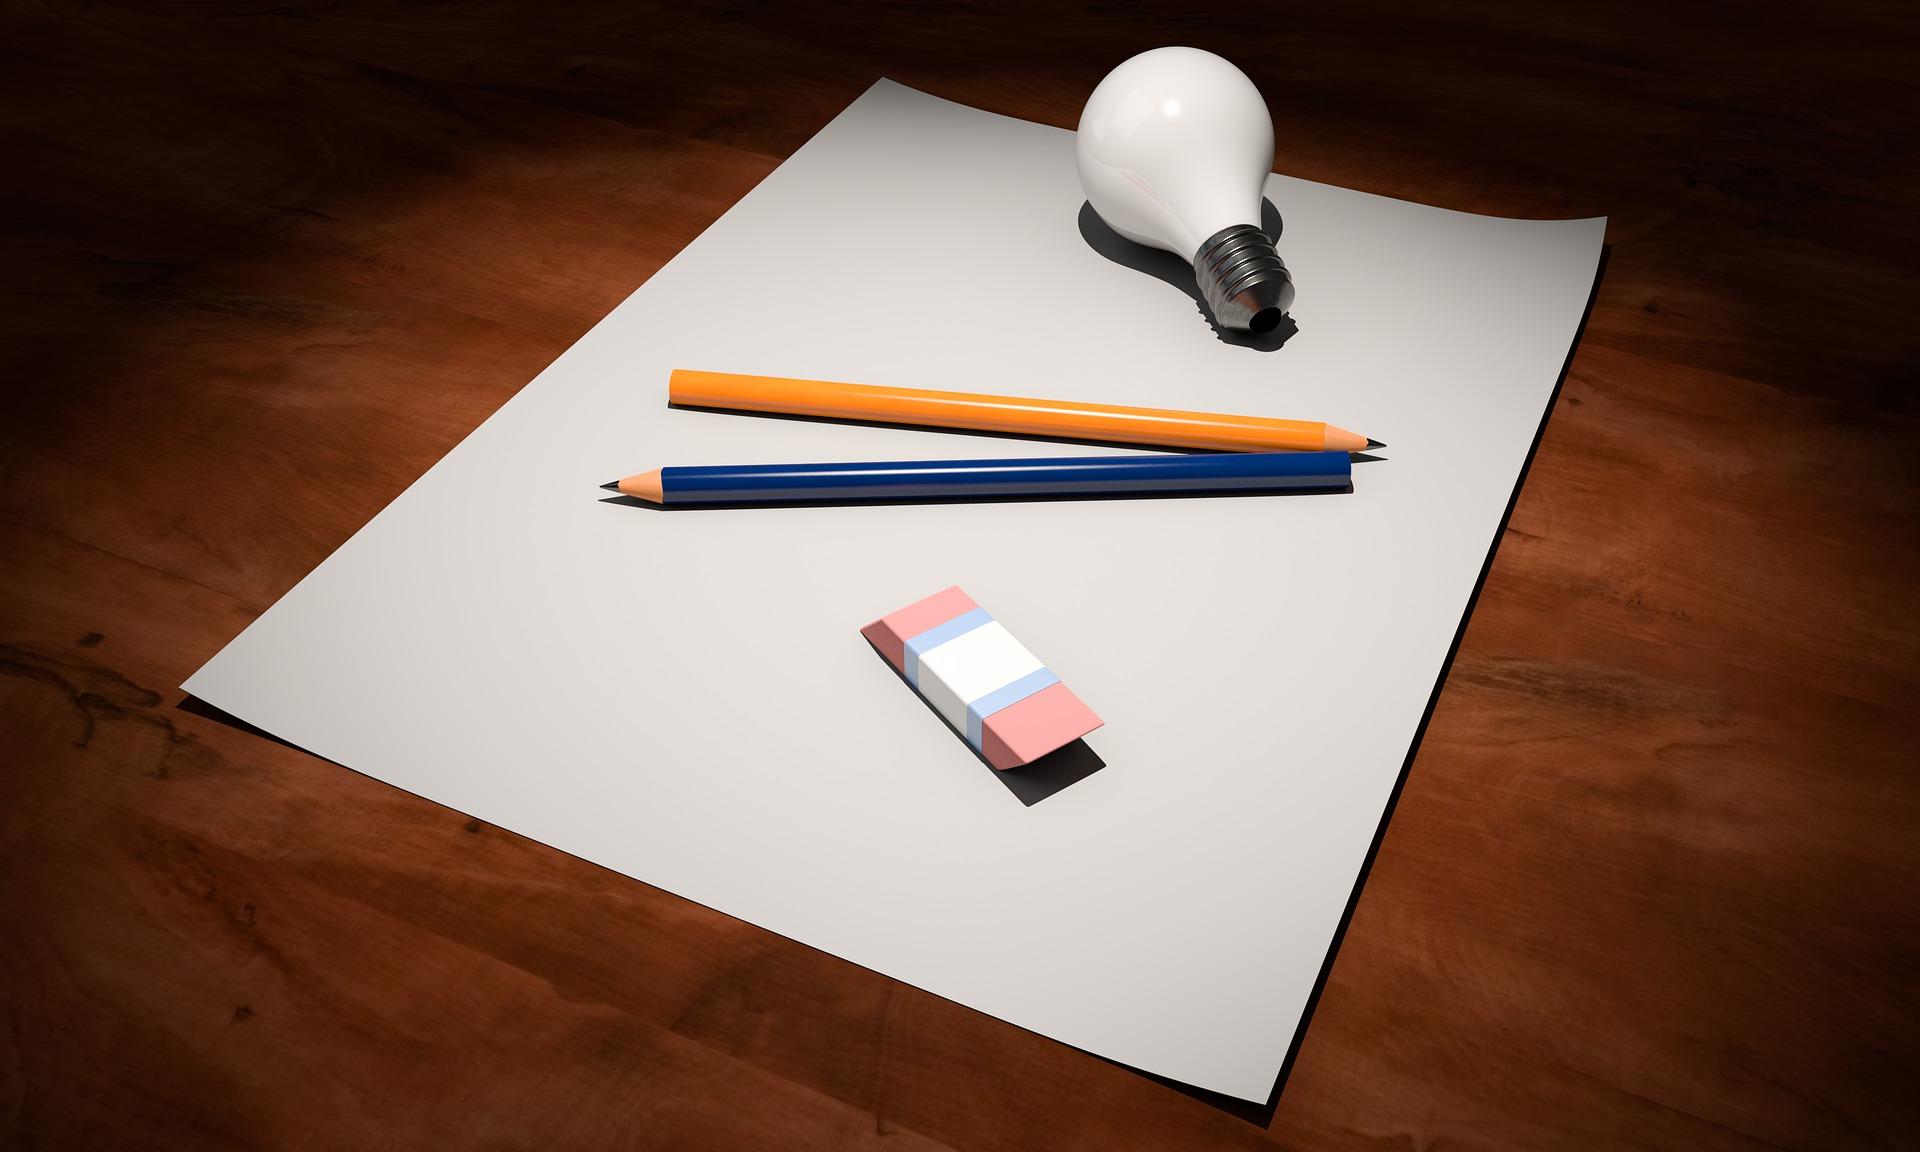 ホームページと合わせて使いたい!塗装業者の集客アイデア